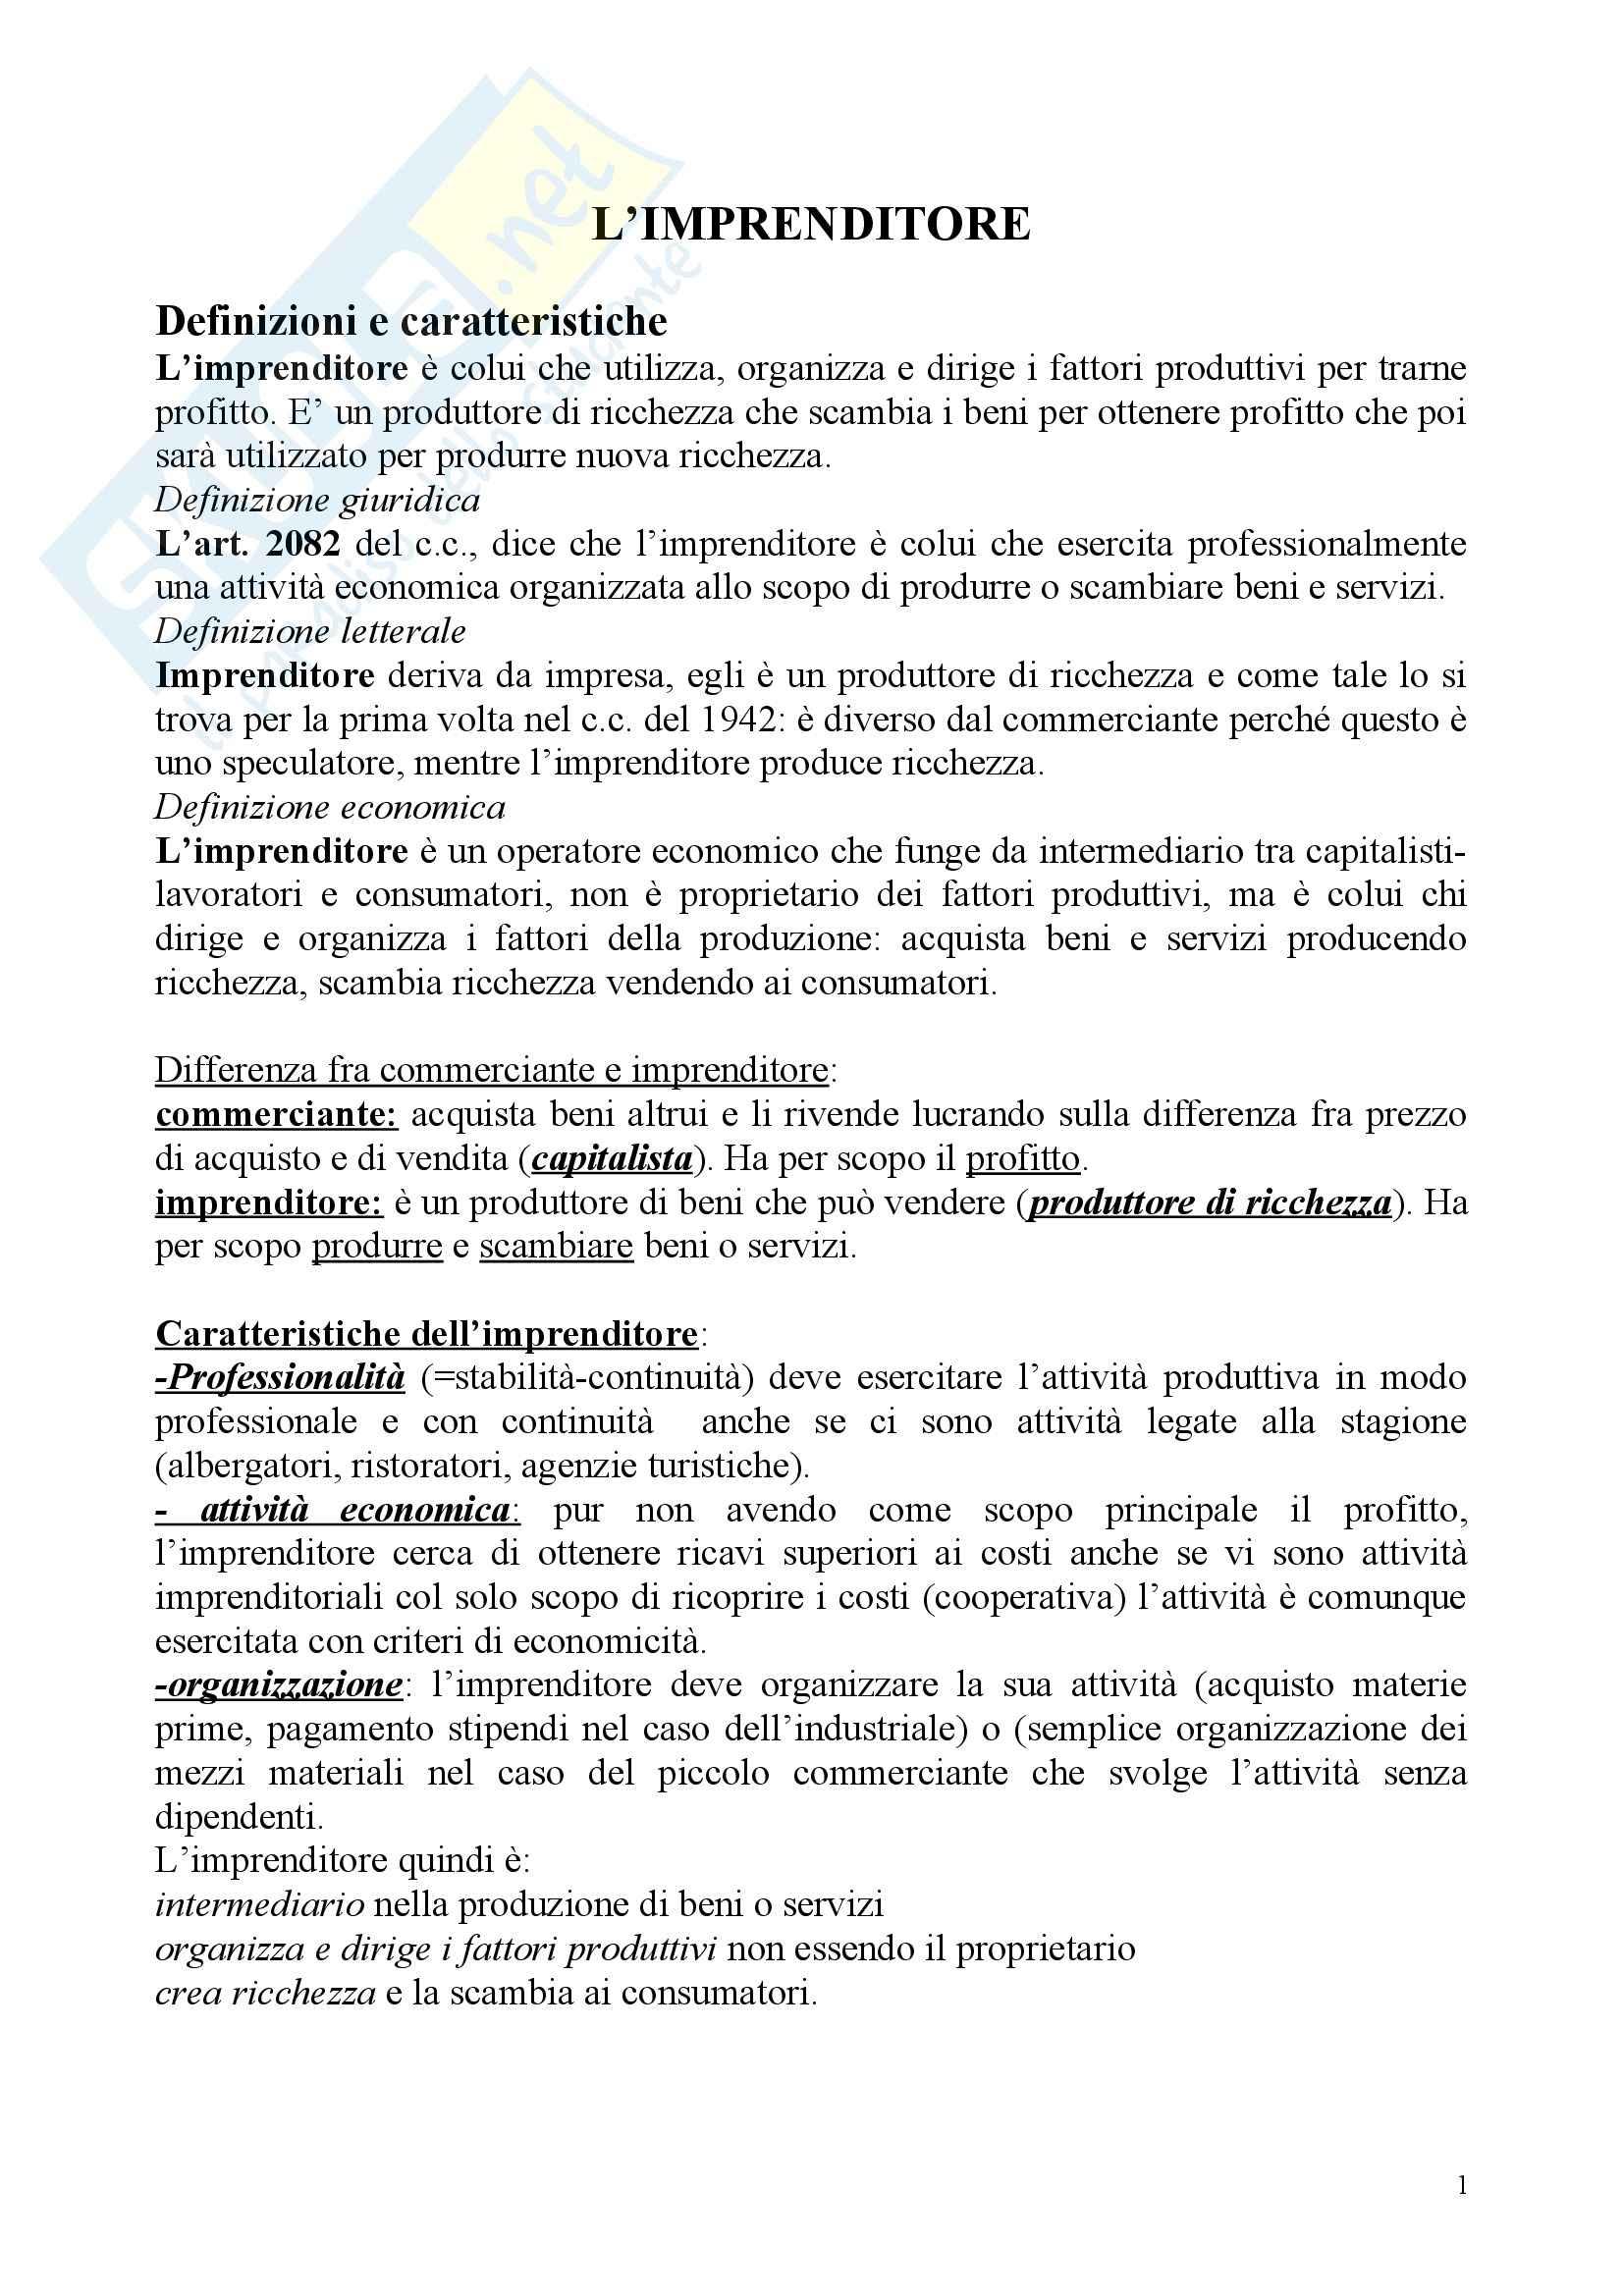 Diritto commerciale - Riassunto esame, prof. sciso